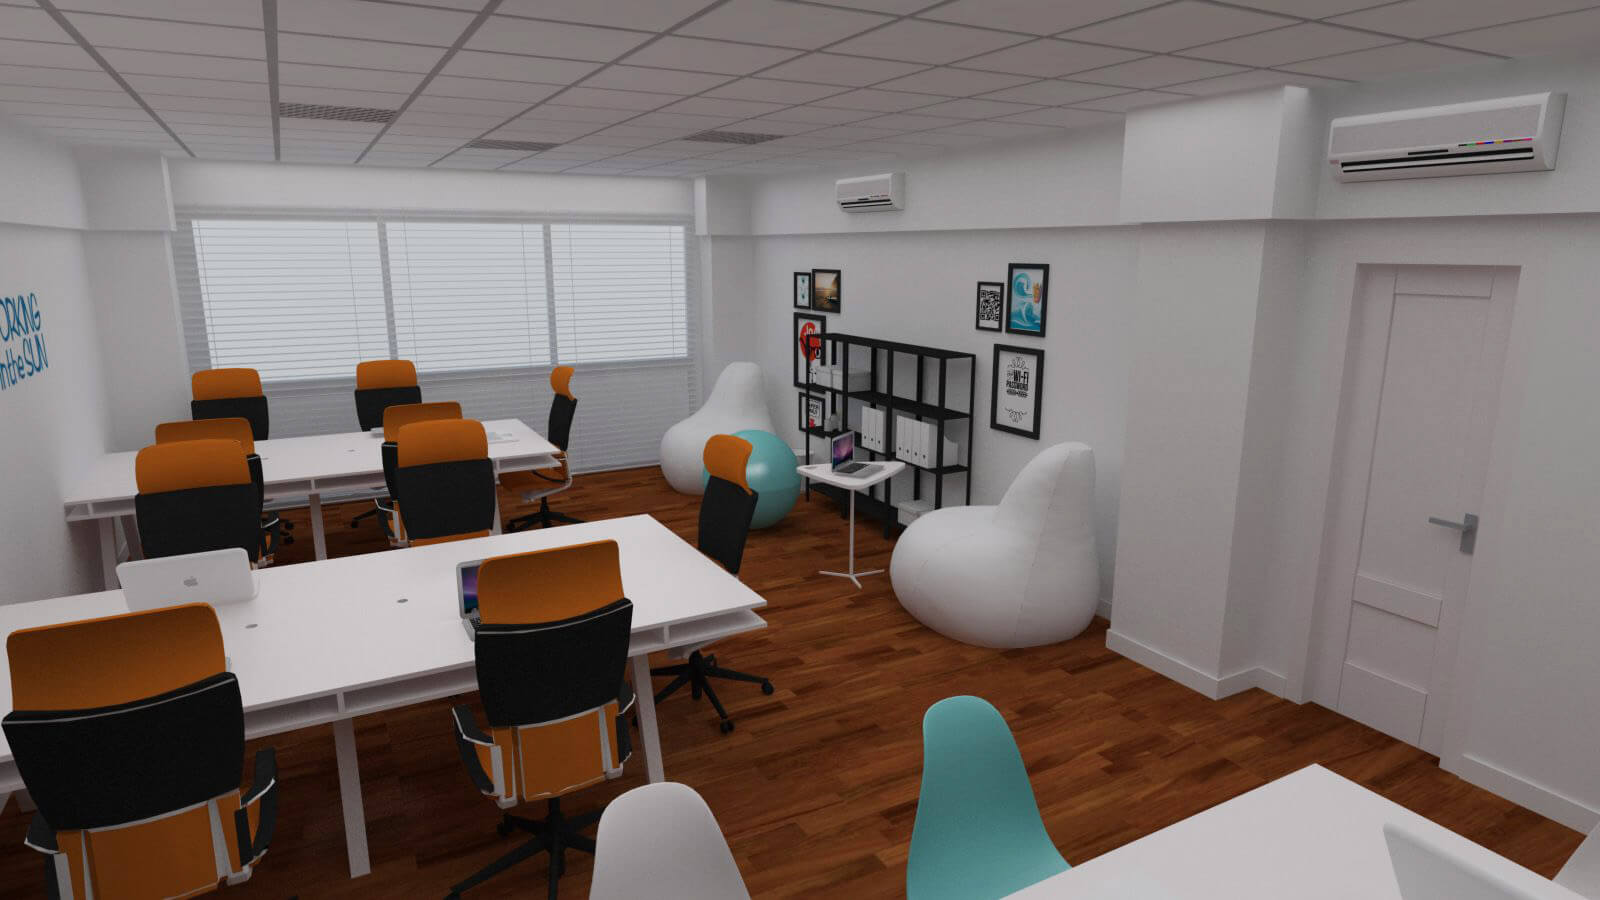 Espacio de coworking en puerto de la cruz cuadrados estudio - Diseno tenerife ...